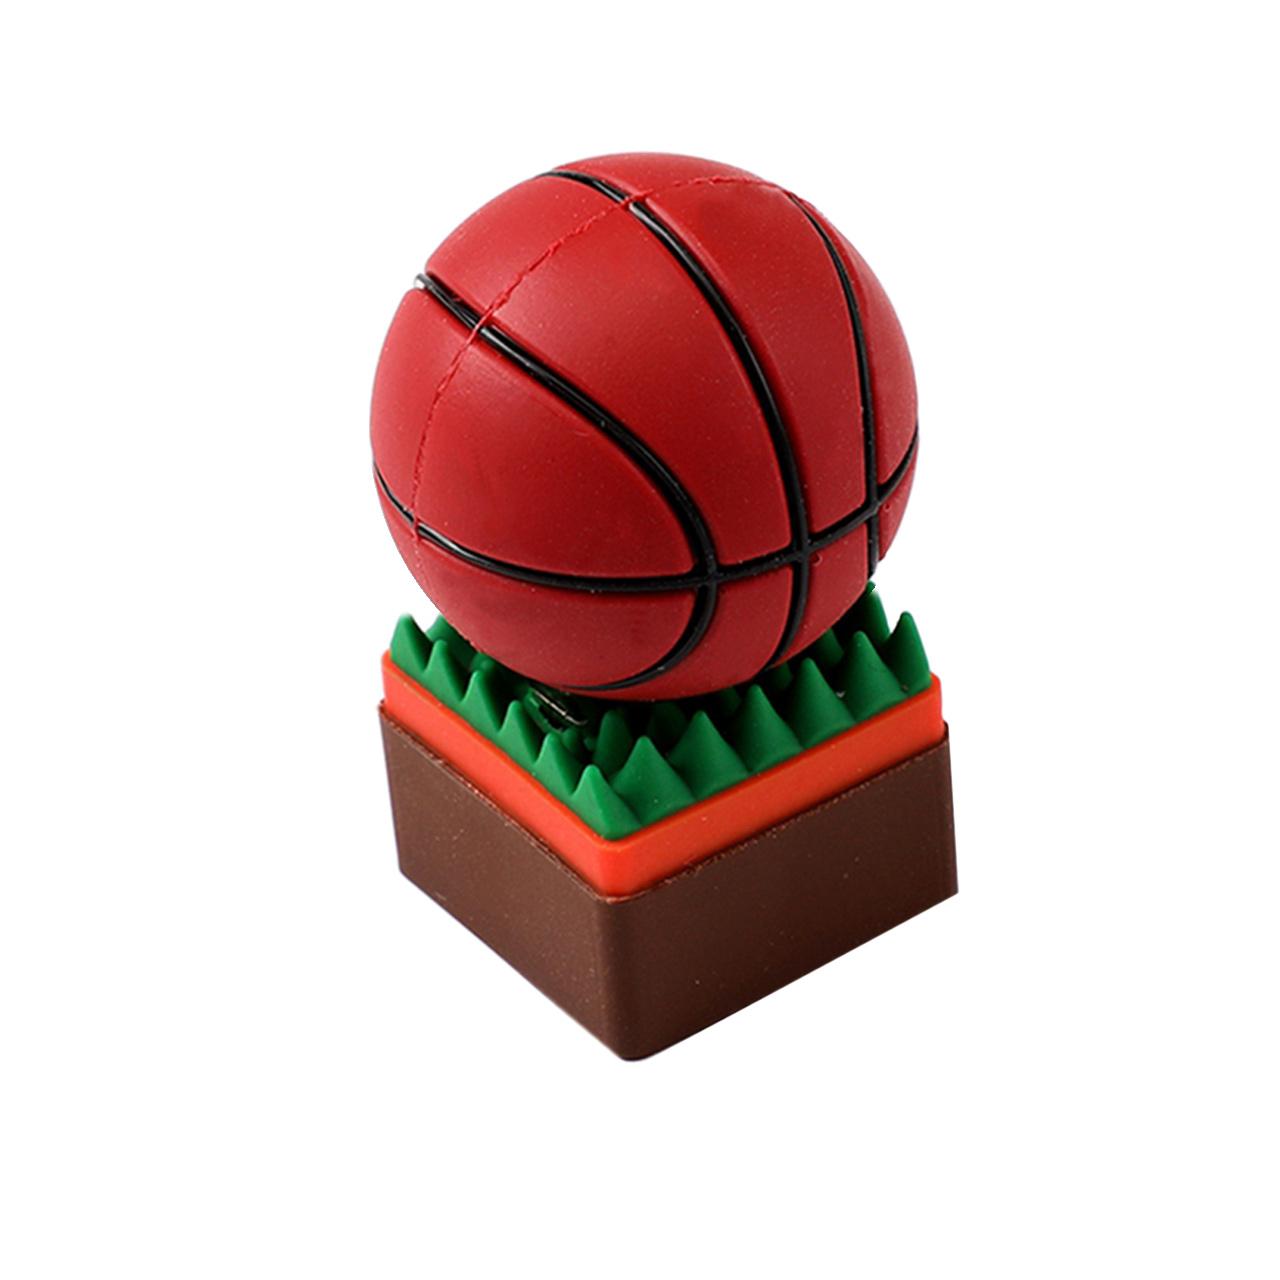 بررسی و {خرید با تخفیف} فلش مموری طرح توپ بسکتبال روی چمن مدل DAYA1118 ظرفیت 16 گیگابایت اصل